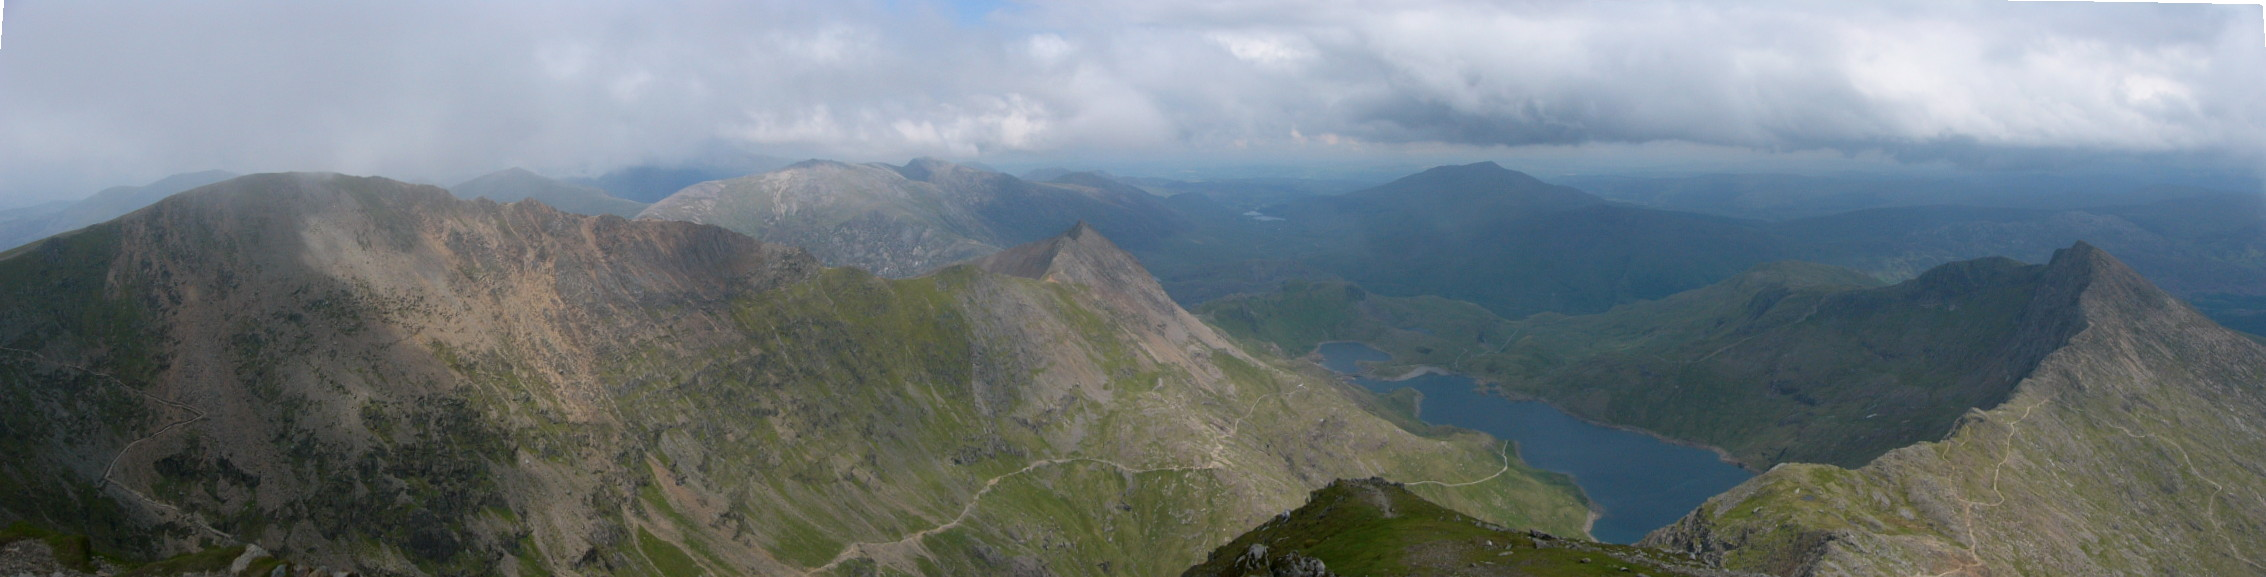 Crib Goch,Garnedd Ugain and Y Lliwedd from Snowdon summit